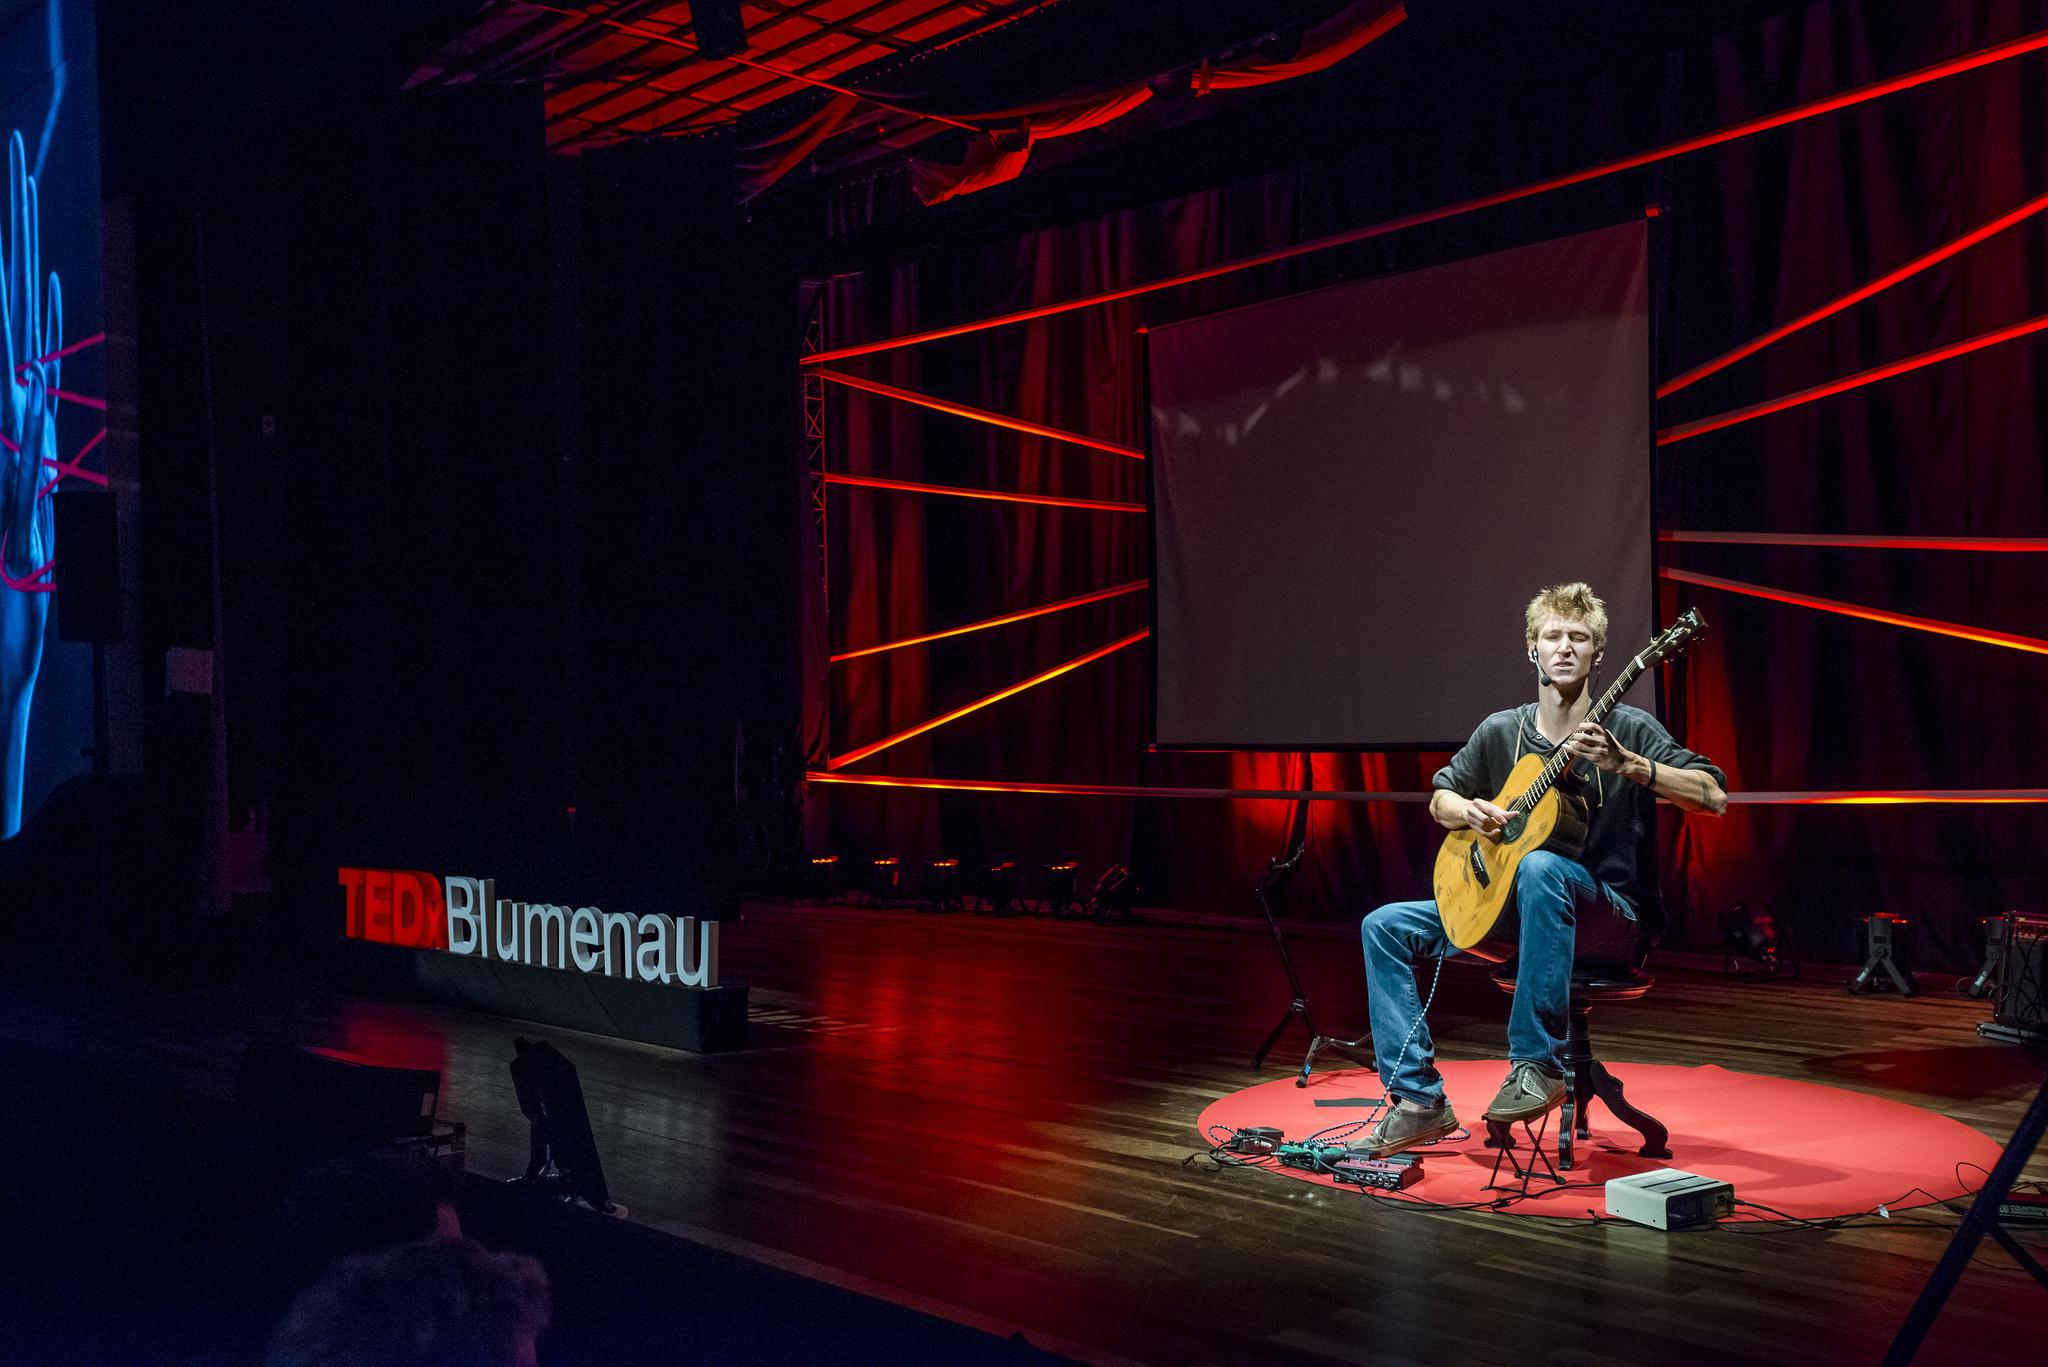 TEDxBlumenau abre lote de ingressos antecipados e com valor especial a partir de hoje (25)